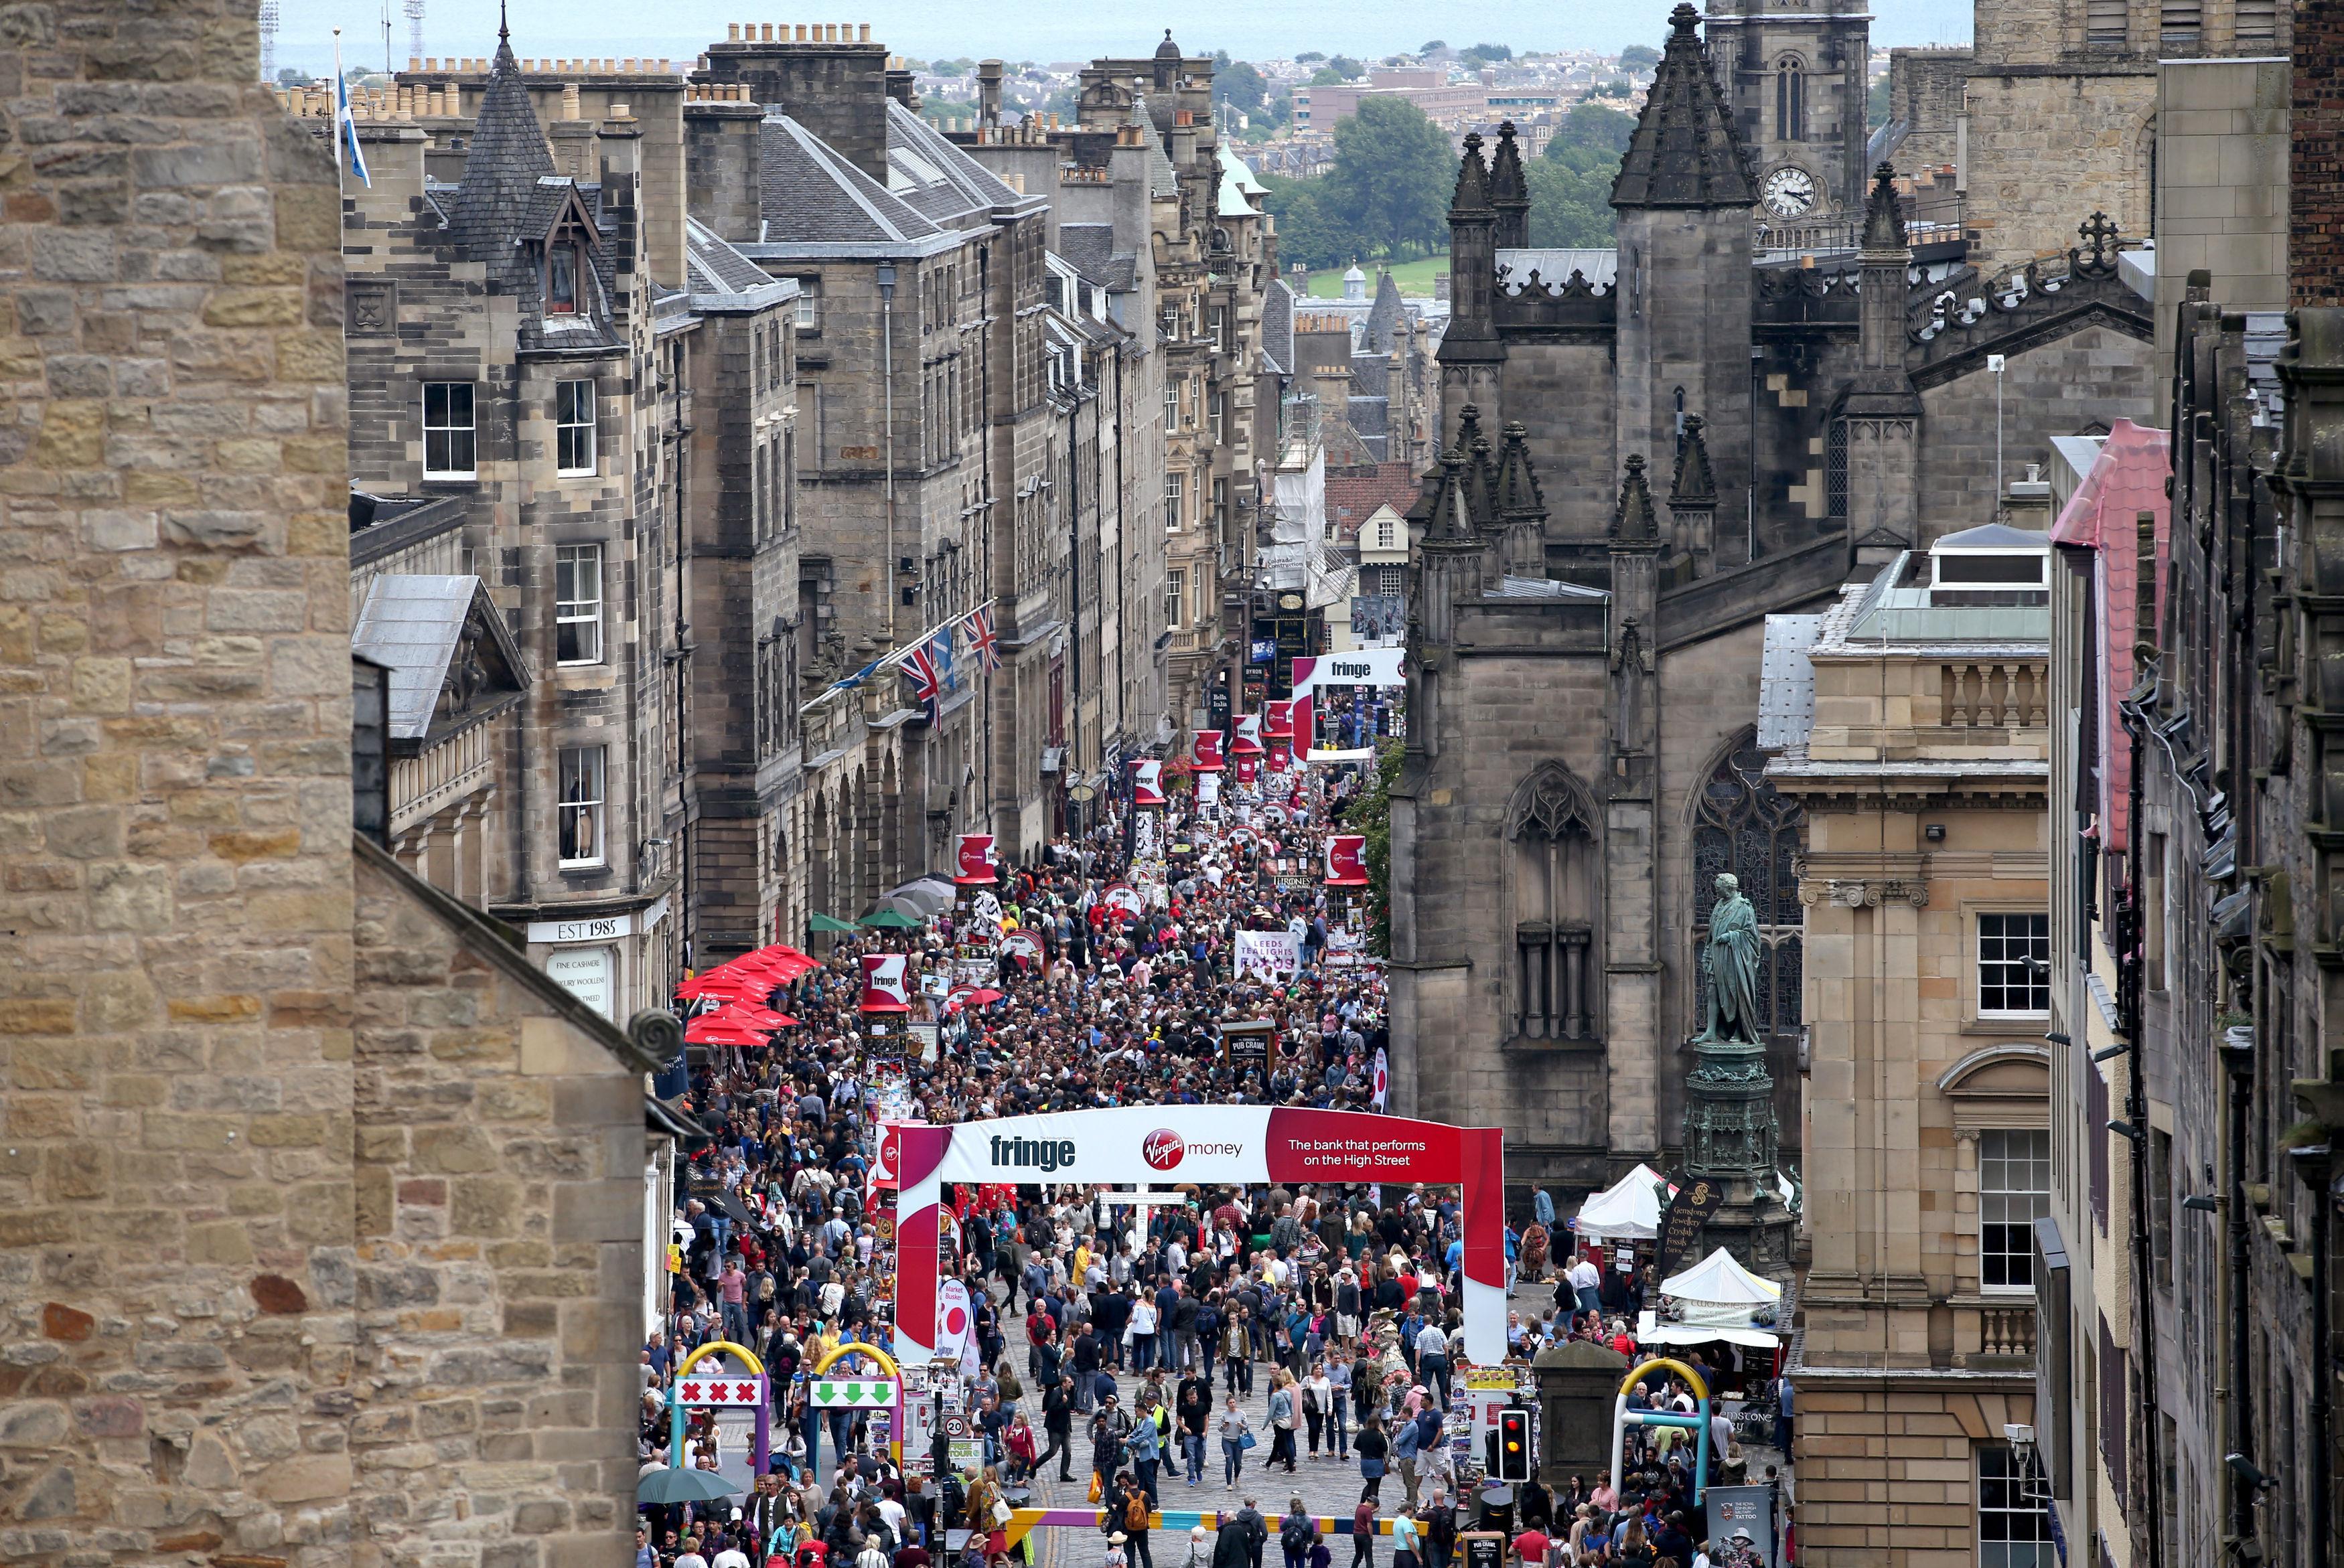 Edinburgh Fringe Festival 2017